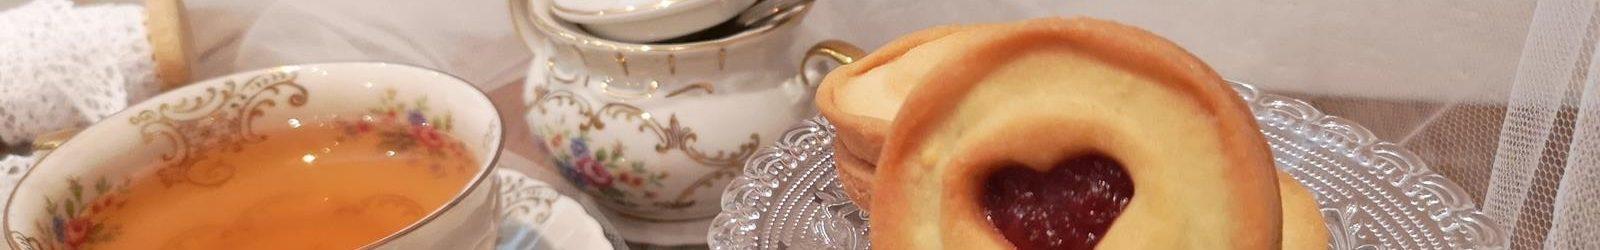 Biscotti occhio di bue alla confettura di fragole la ricetta